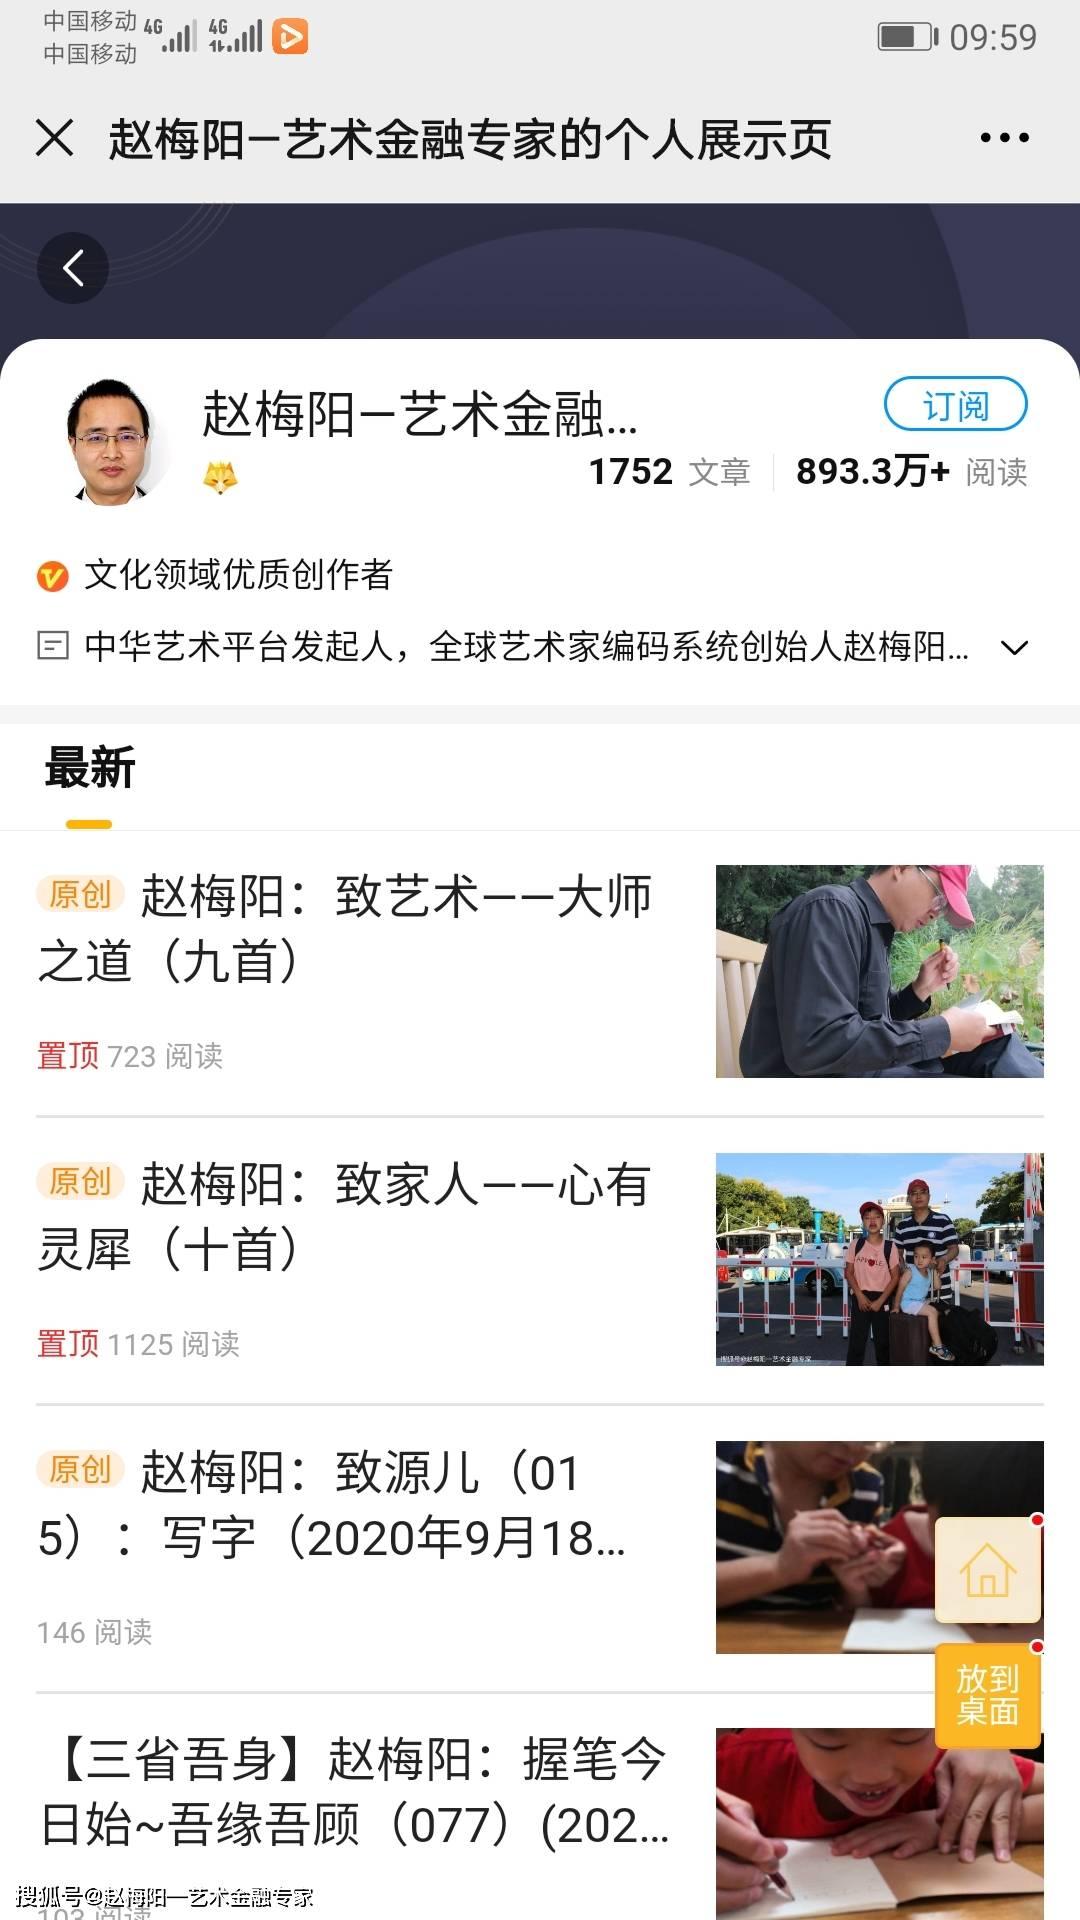 【三省吾身】赵梅阳:颐和园大观~吾缘吾顾(078)(2020年9月18日)